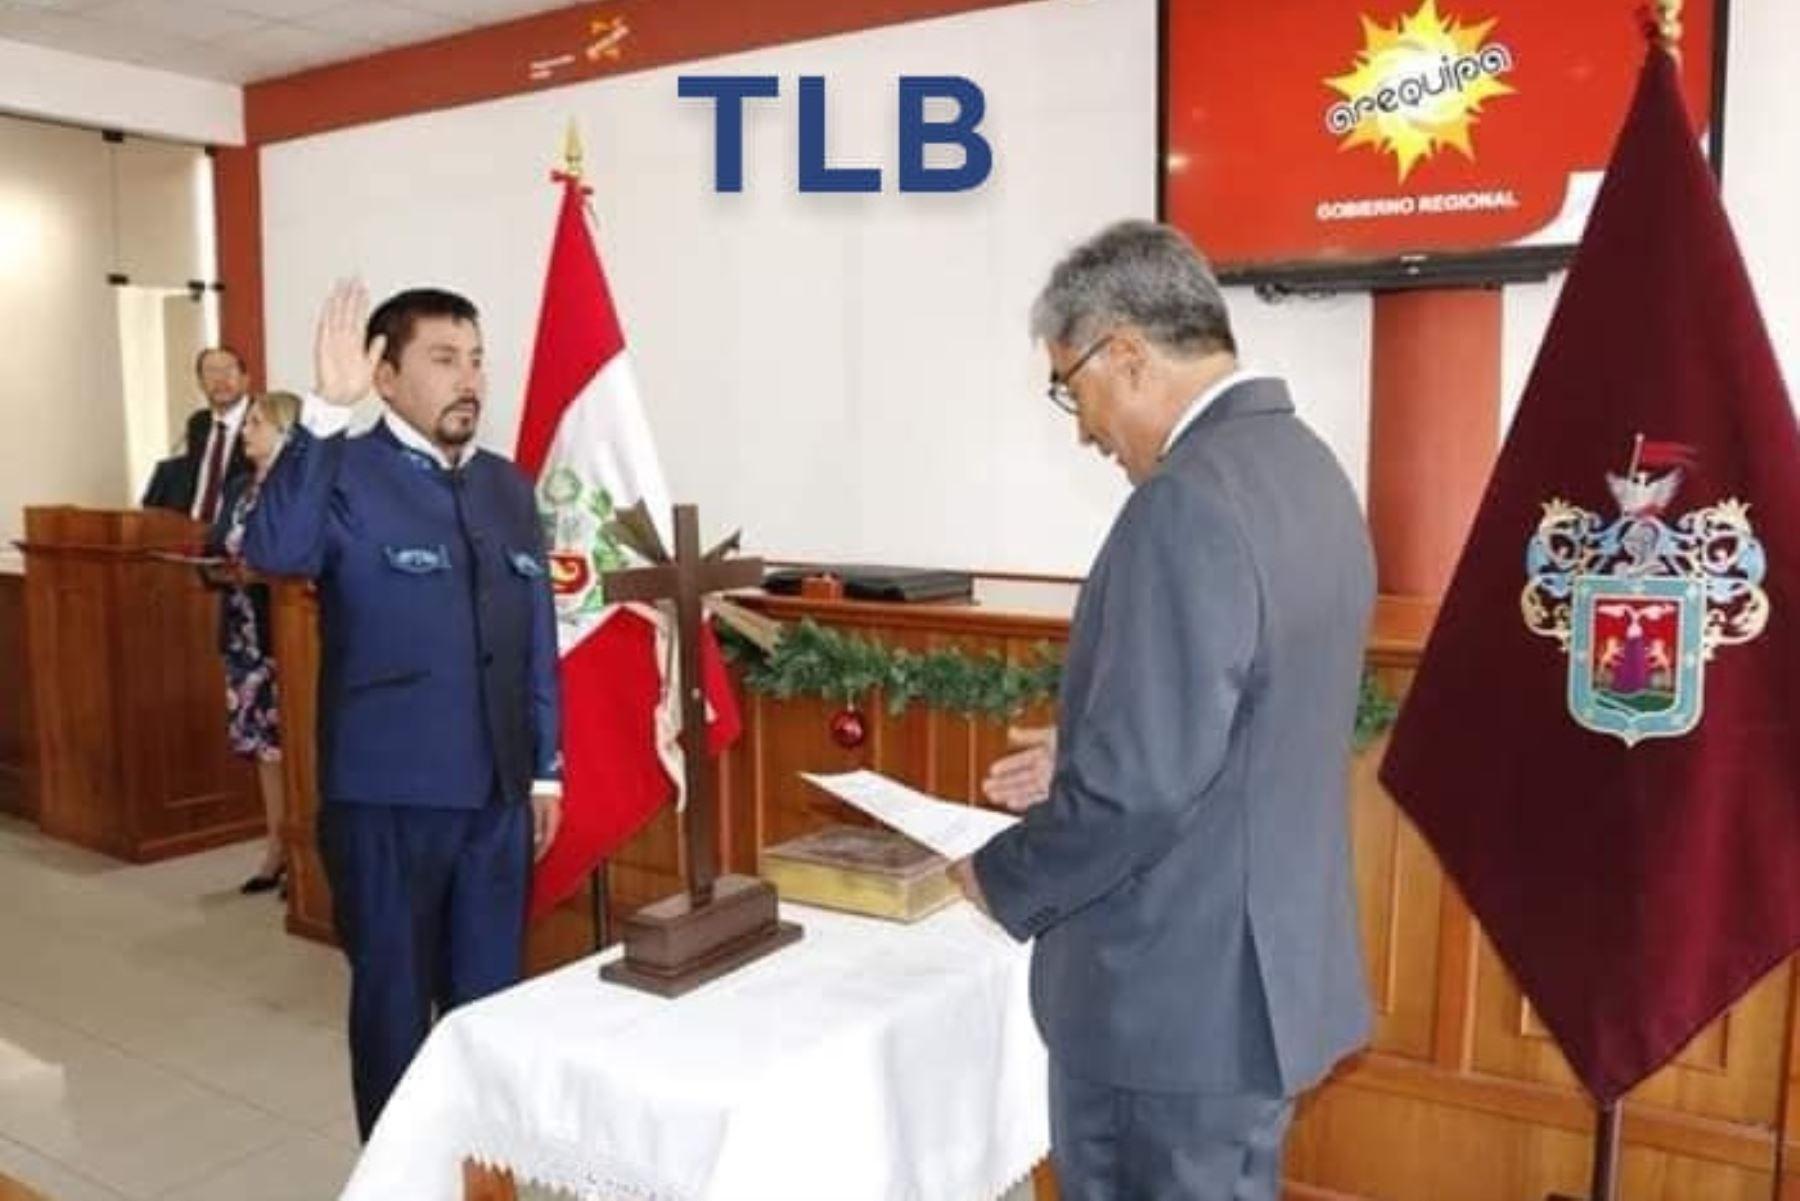 Elmer Cáceres Llica juró hoy como gobernador regional Arequipa para el periodo 2019-2022, en una sencilla ceremonia que se llevó a cabo en el auditorio de la sede del gobierno regional.